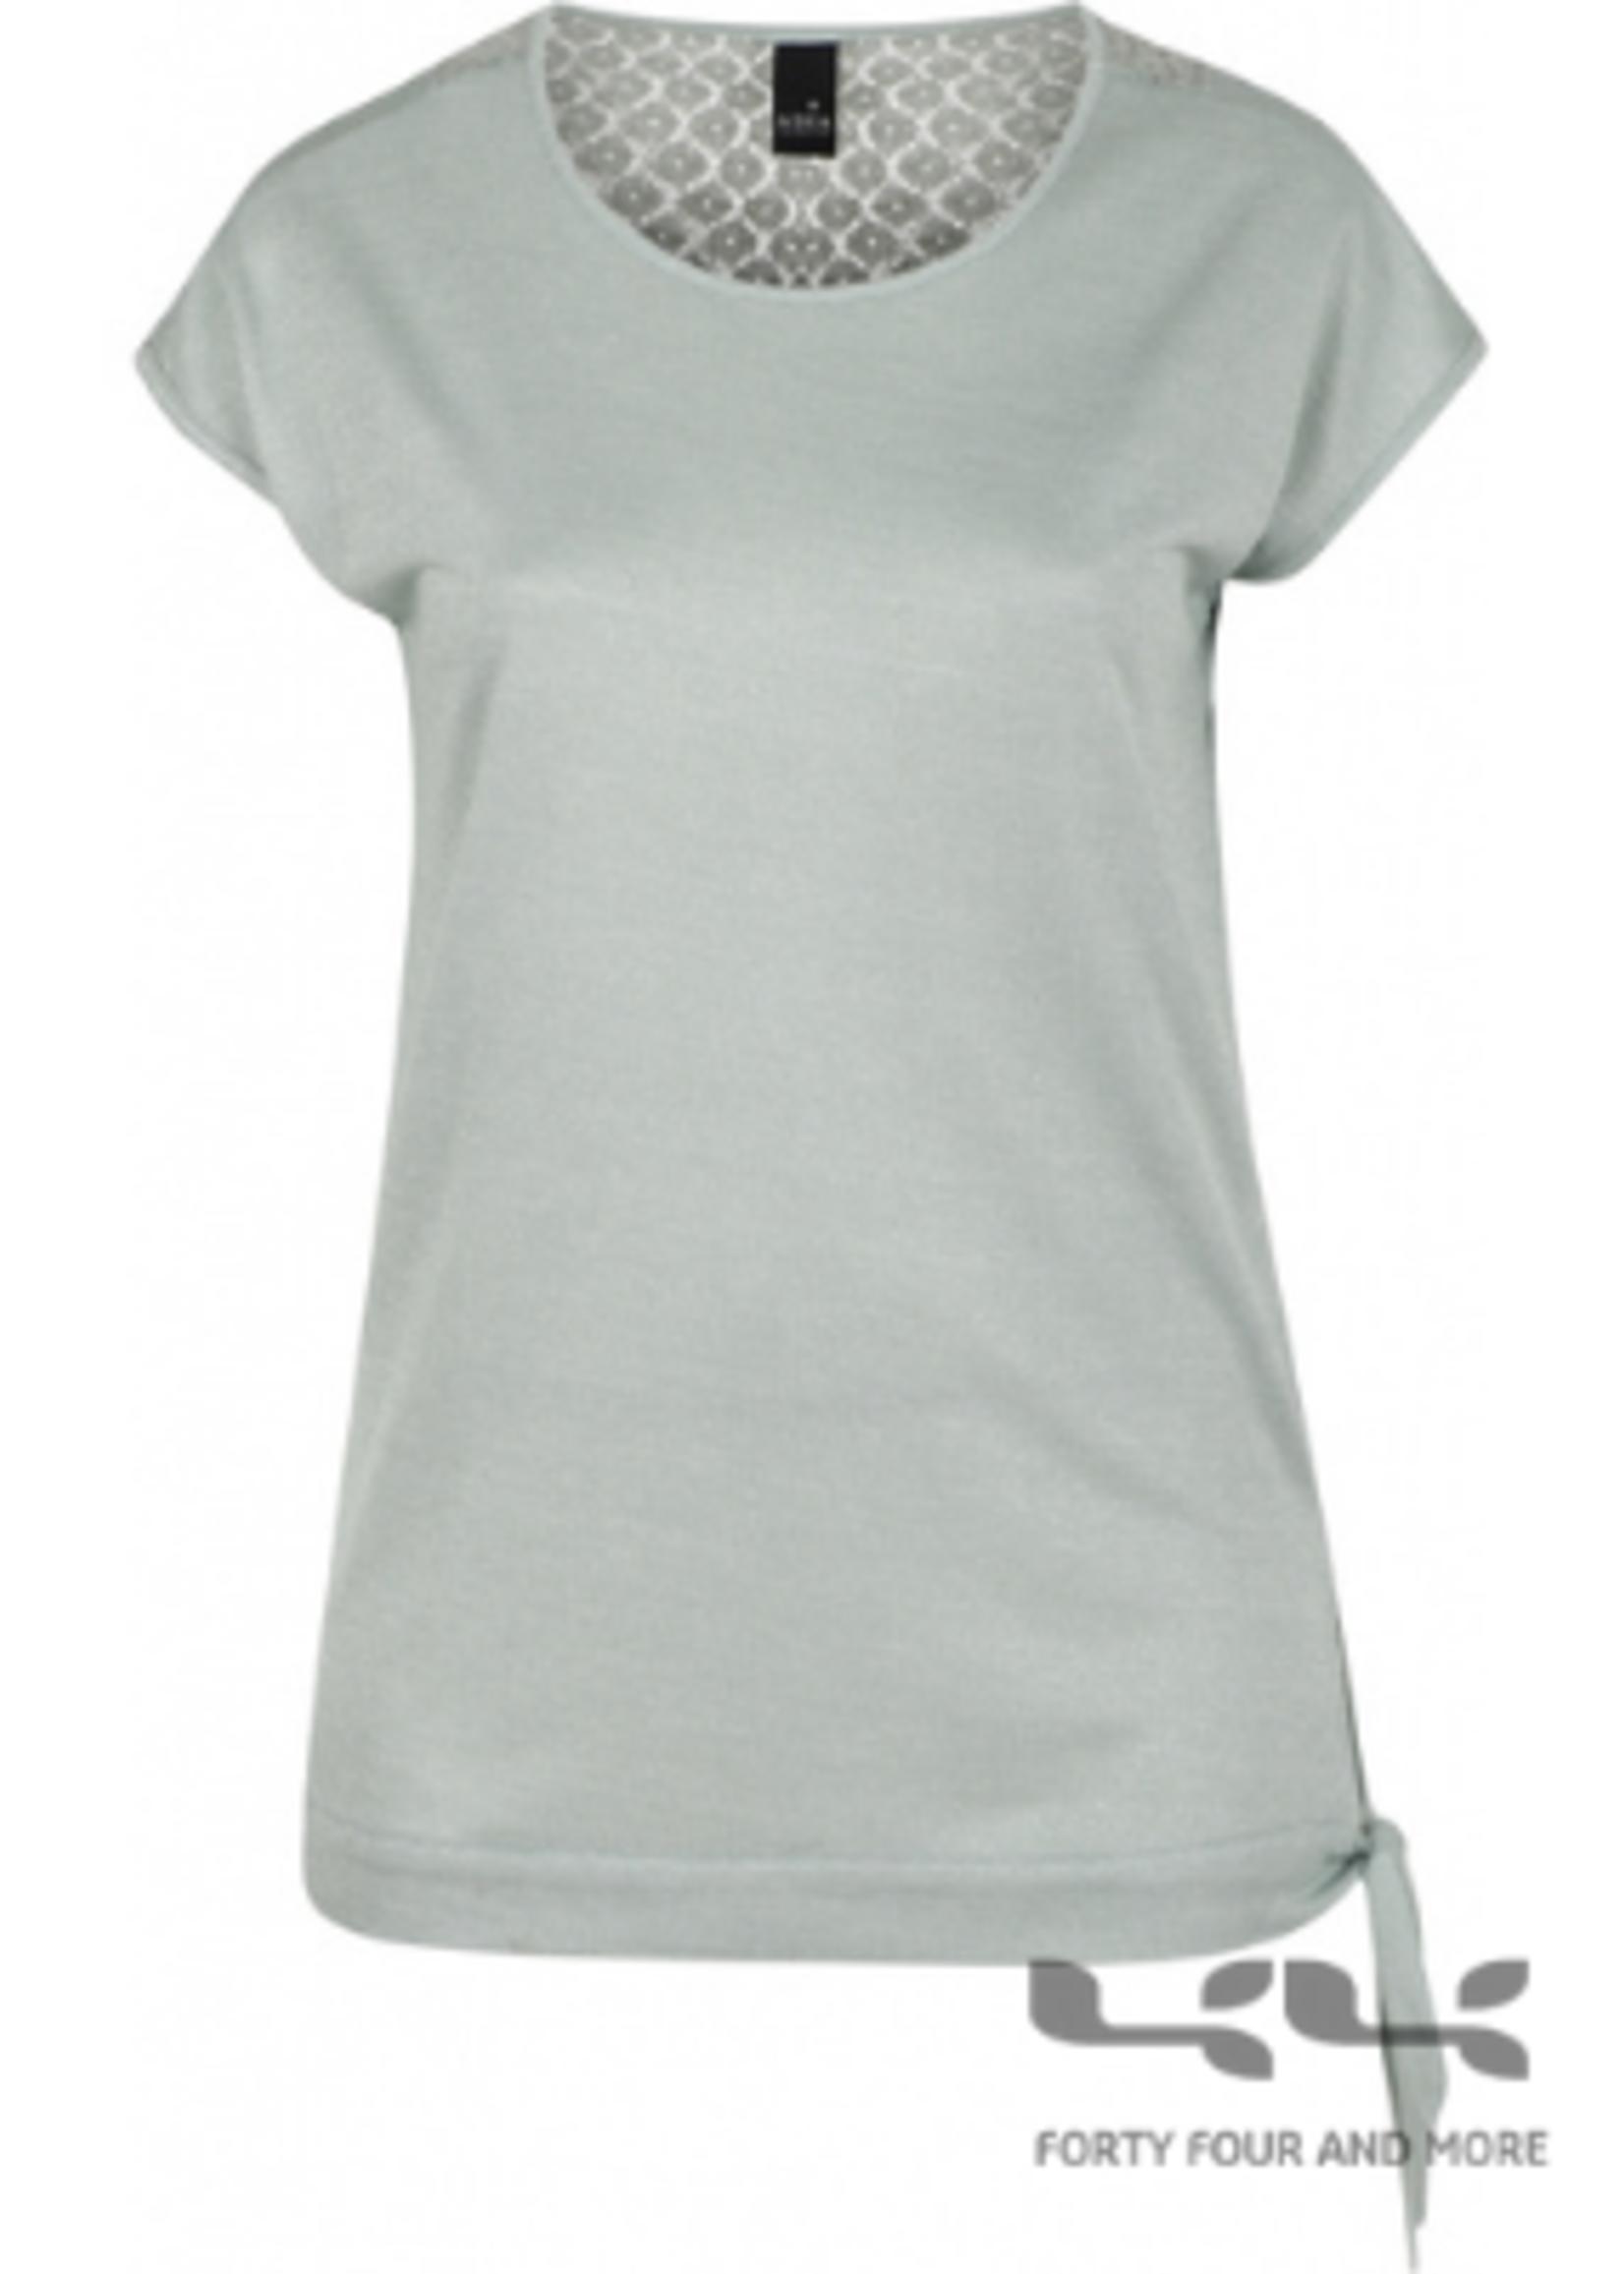 Adia Shirt, kapmouw, knoop heup, rugpas kant